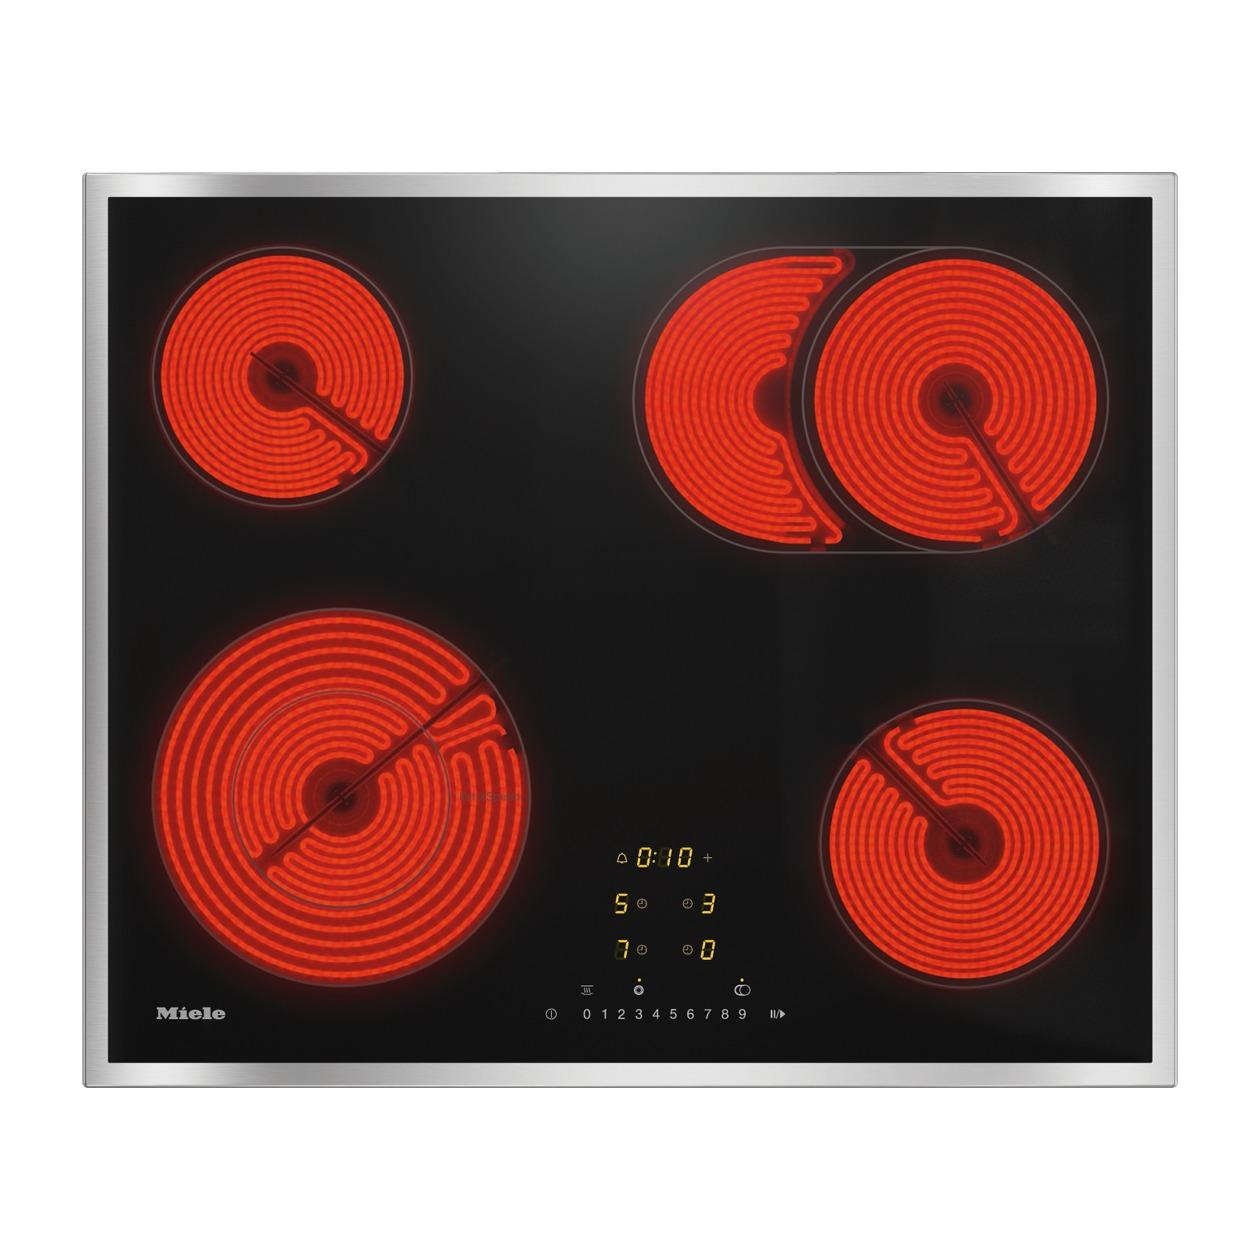 Miele KM 6540 FR Keramische inbouwkookplaat Zwart